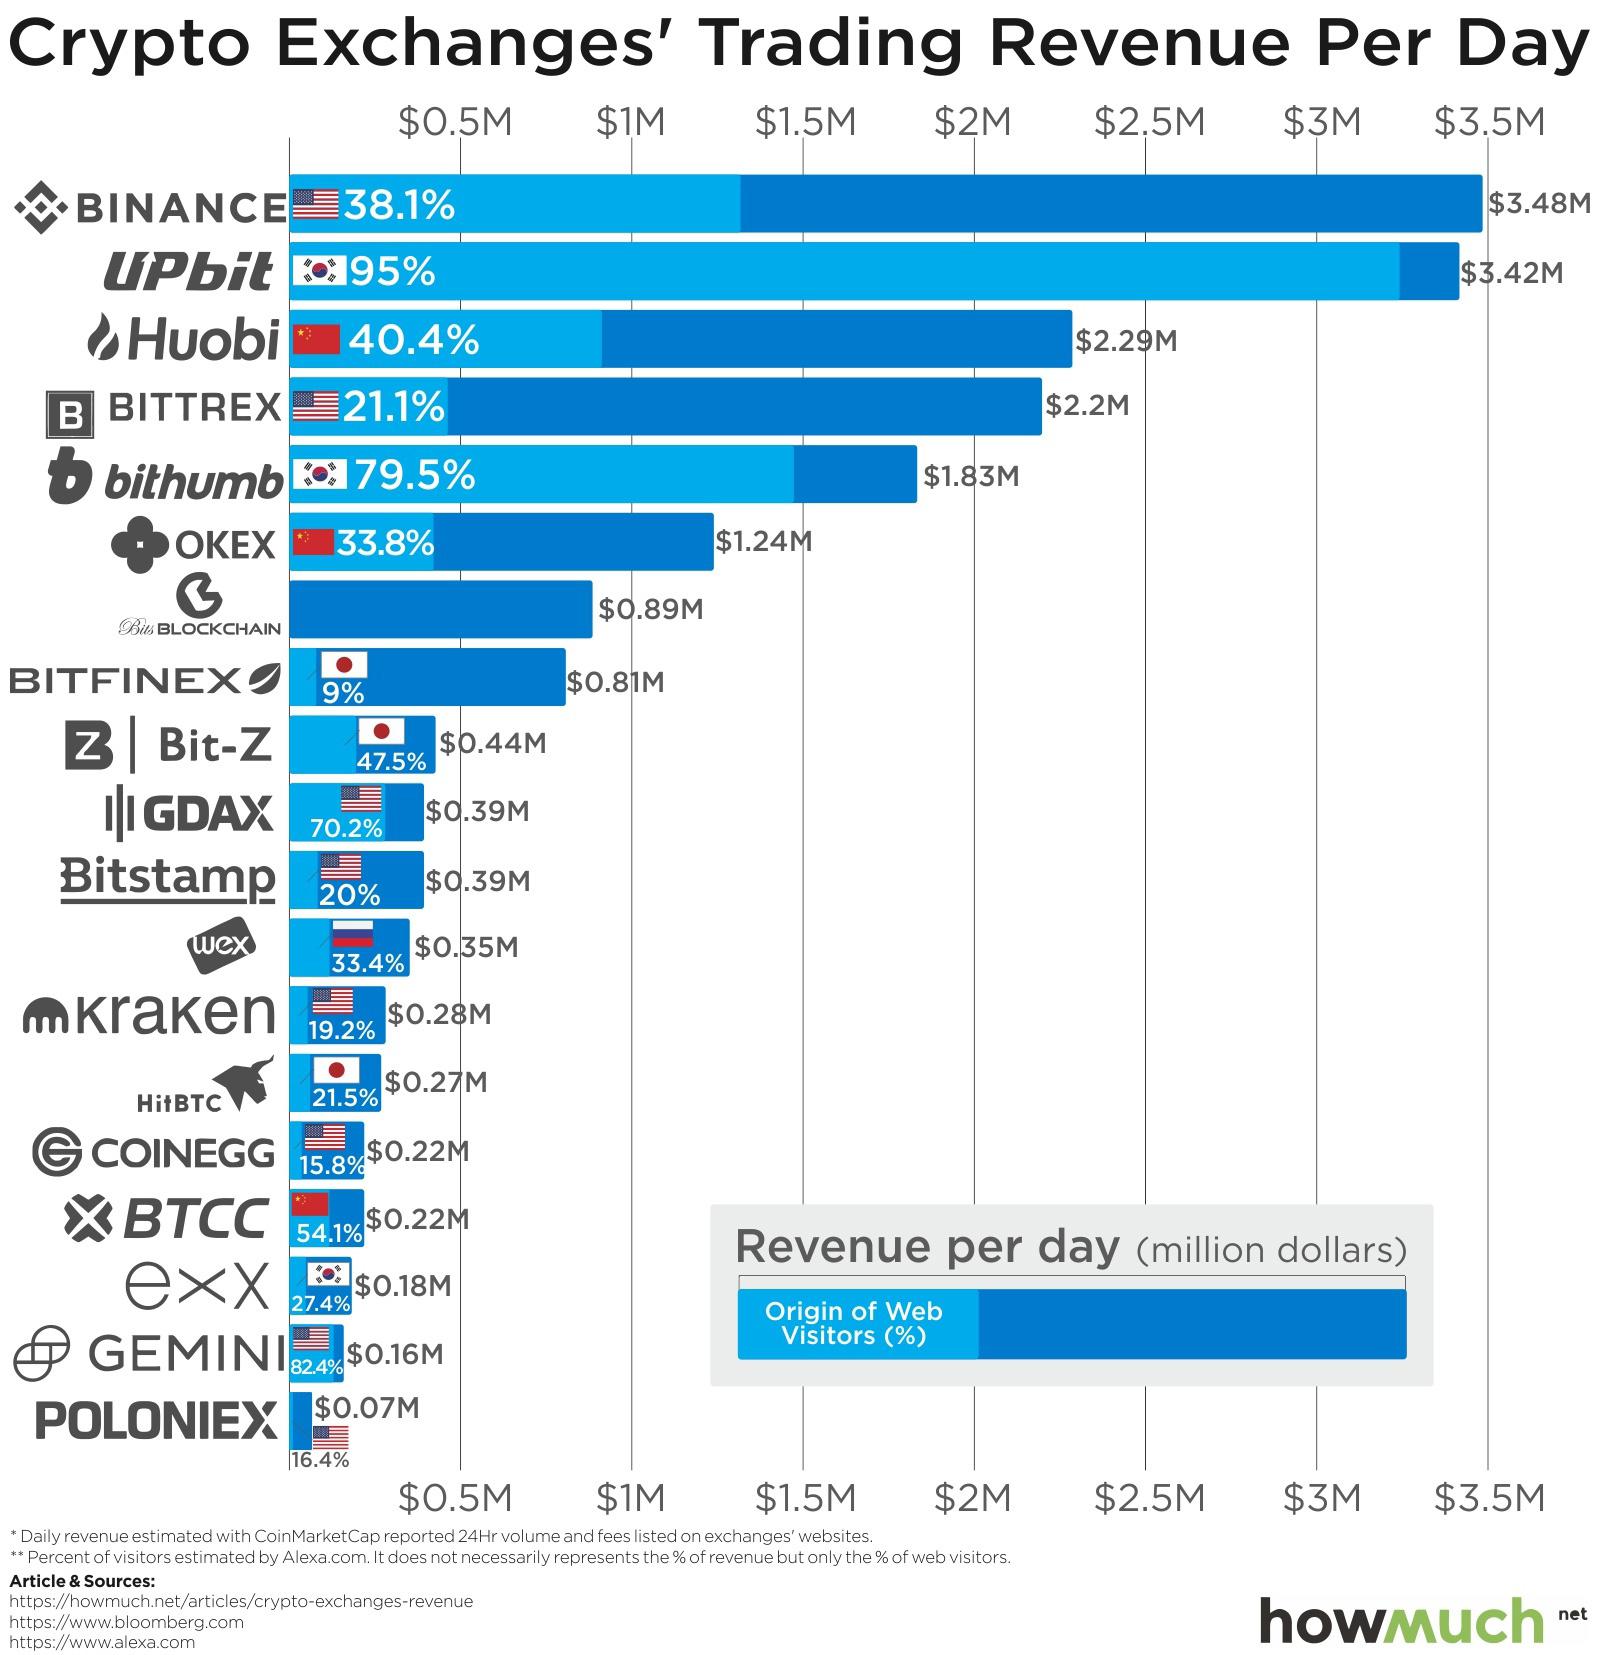 Крупнейшие криптовалютные биржи